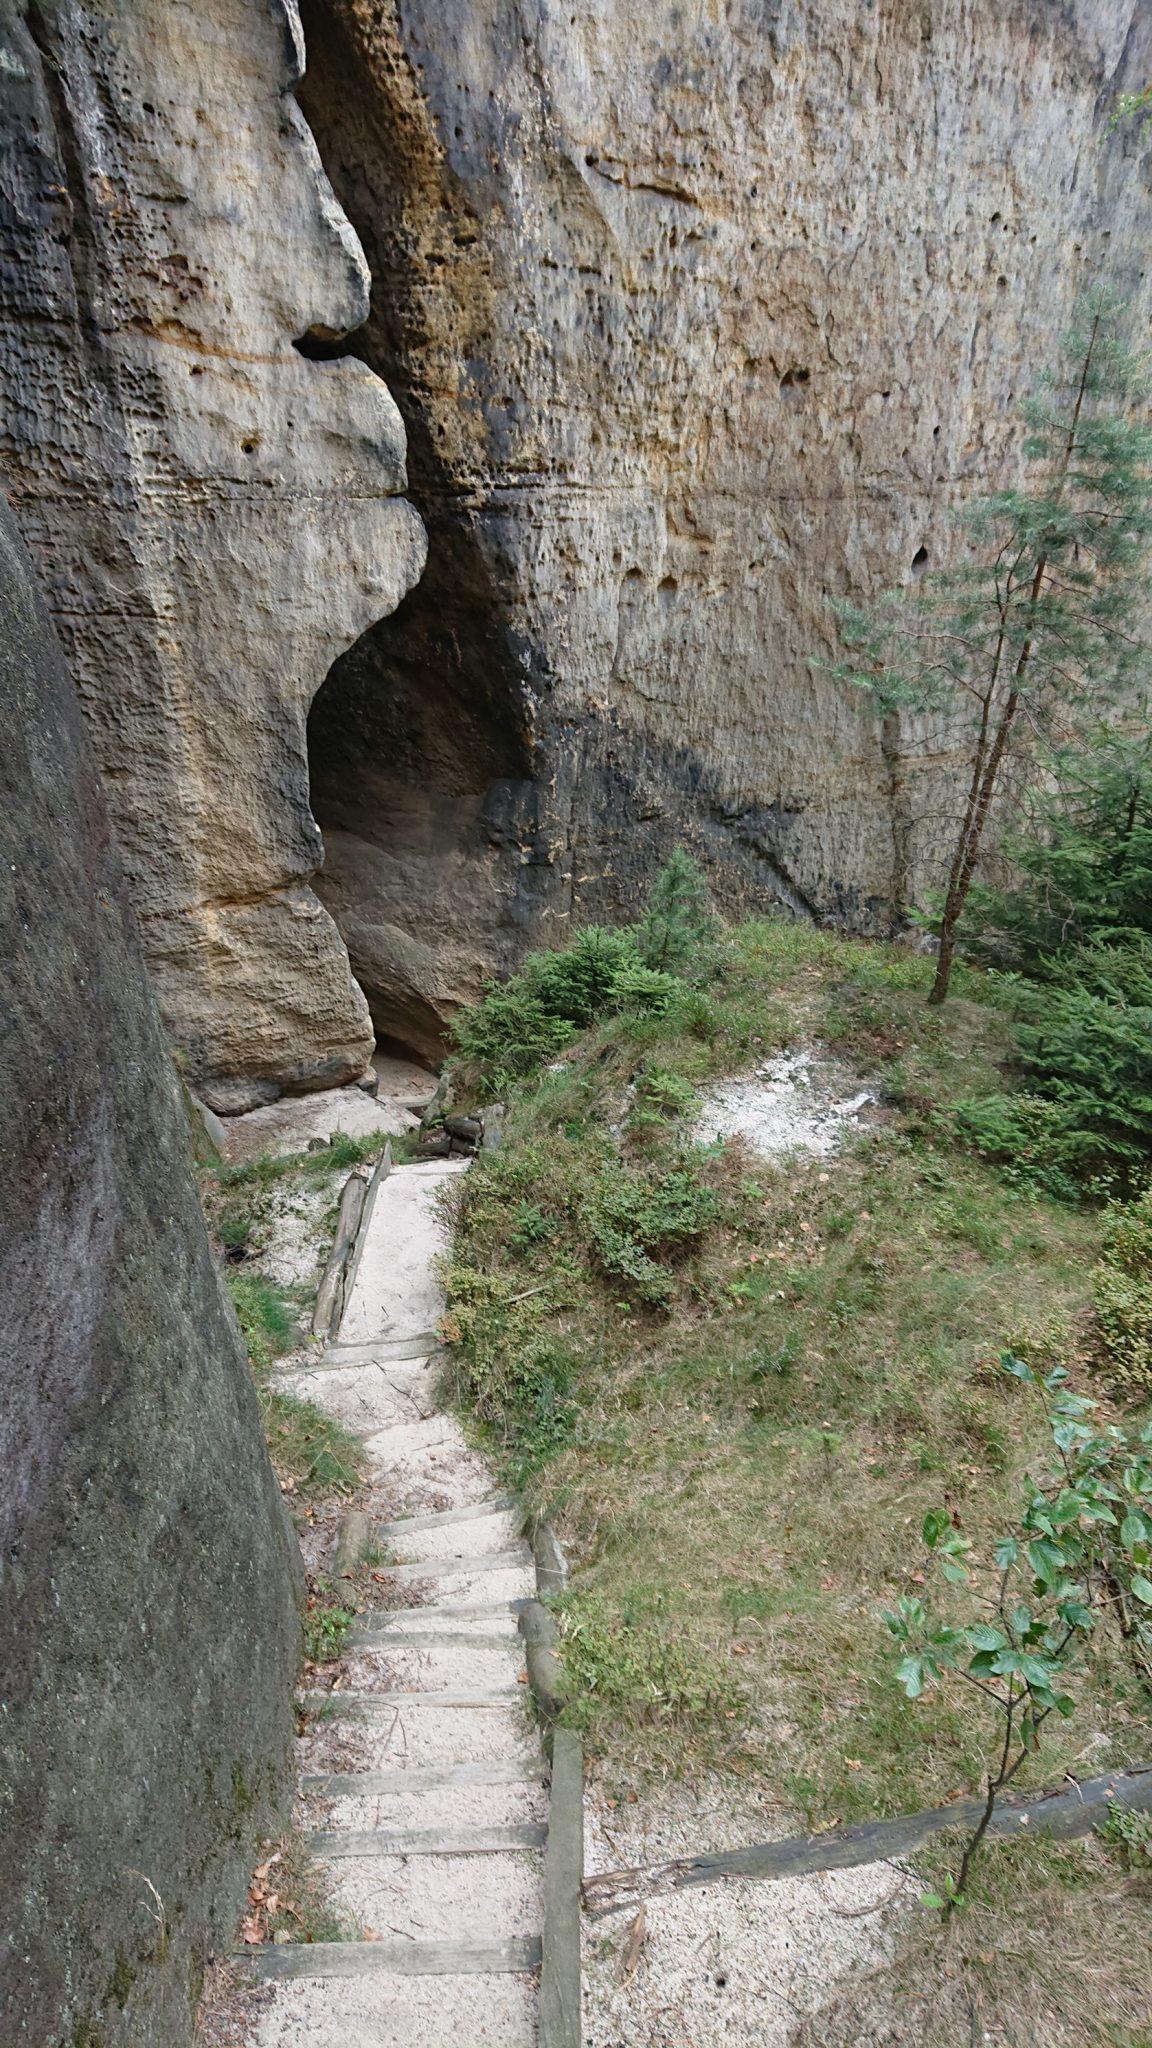 Hohe Liebe Schrammsteine Carolafelsen, Wanderweg im Wanderparadies Sächsische Schweiz mit vielen tollen Aussichten, riesiger Felsennationalpark, schmaler Pfad entlang an den Felsen